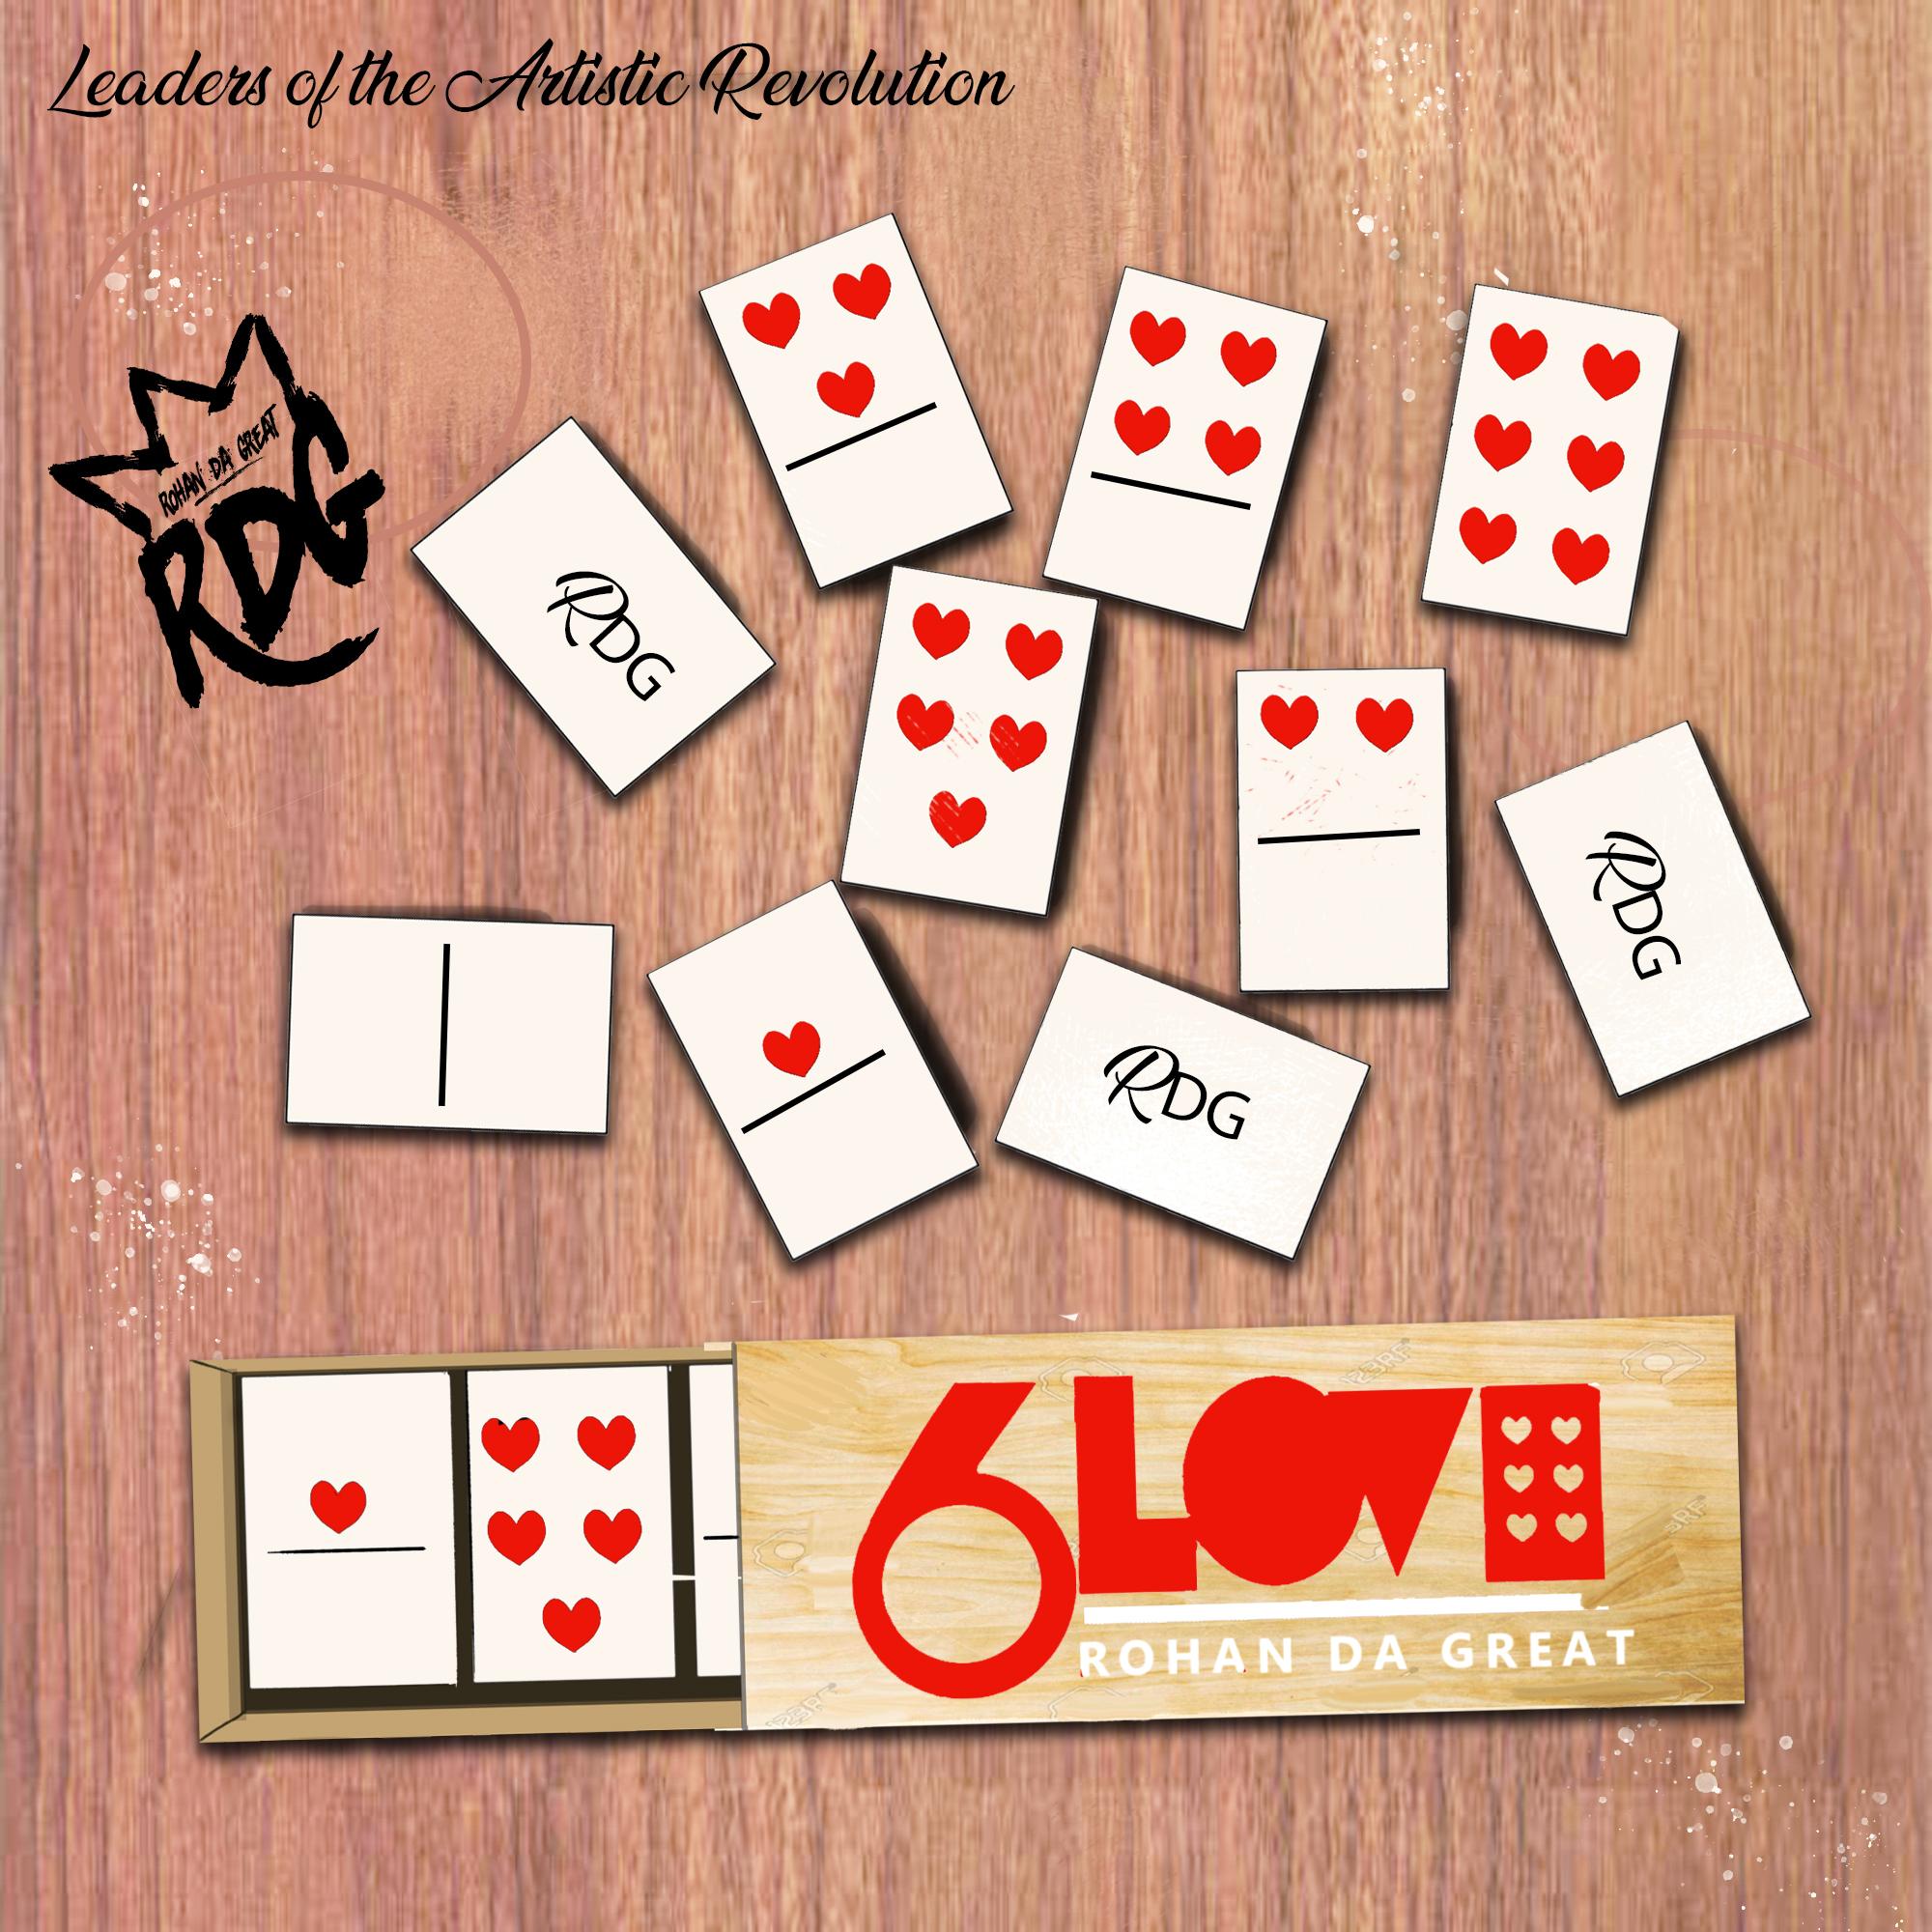 Rohan da Great - 6 Love (Physical Copy)